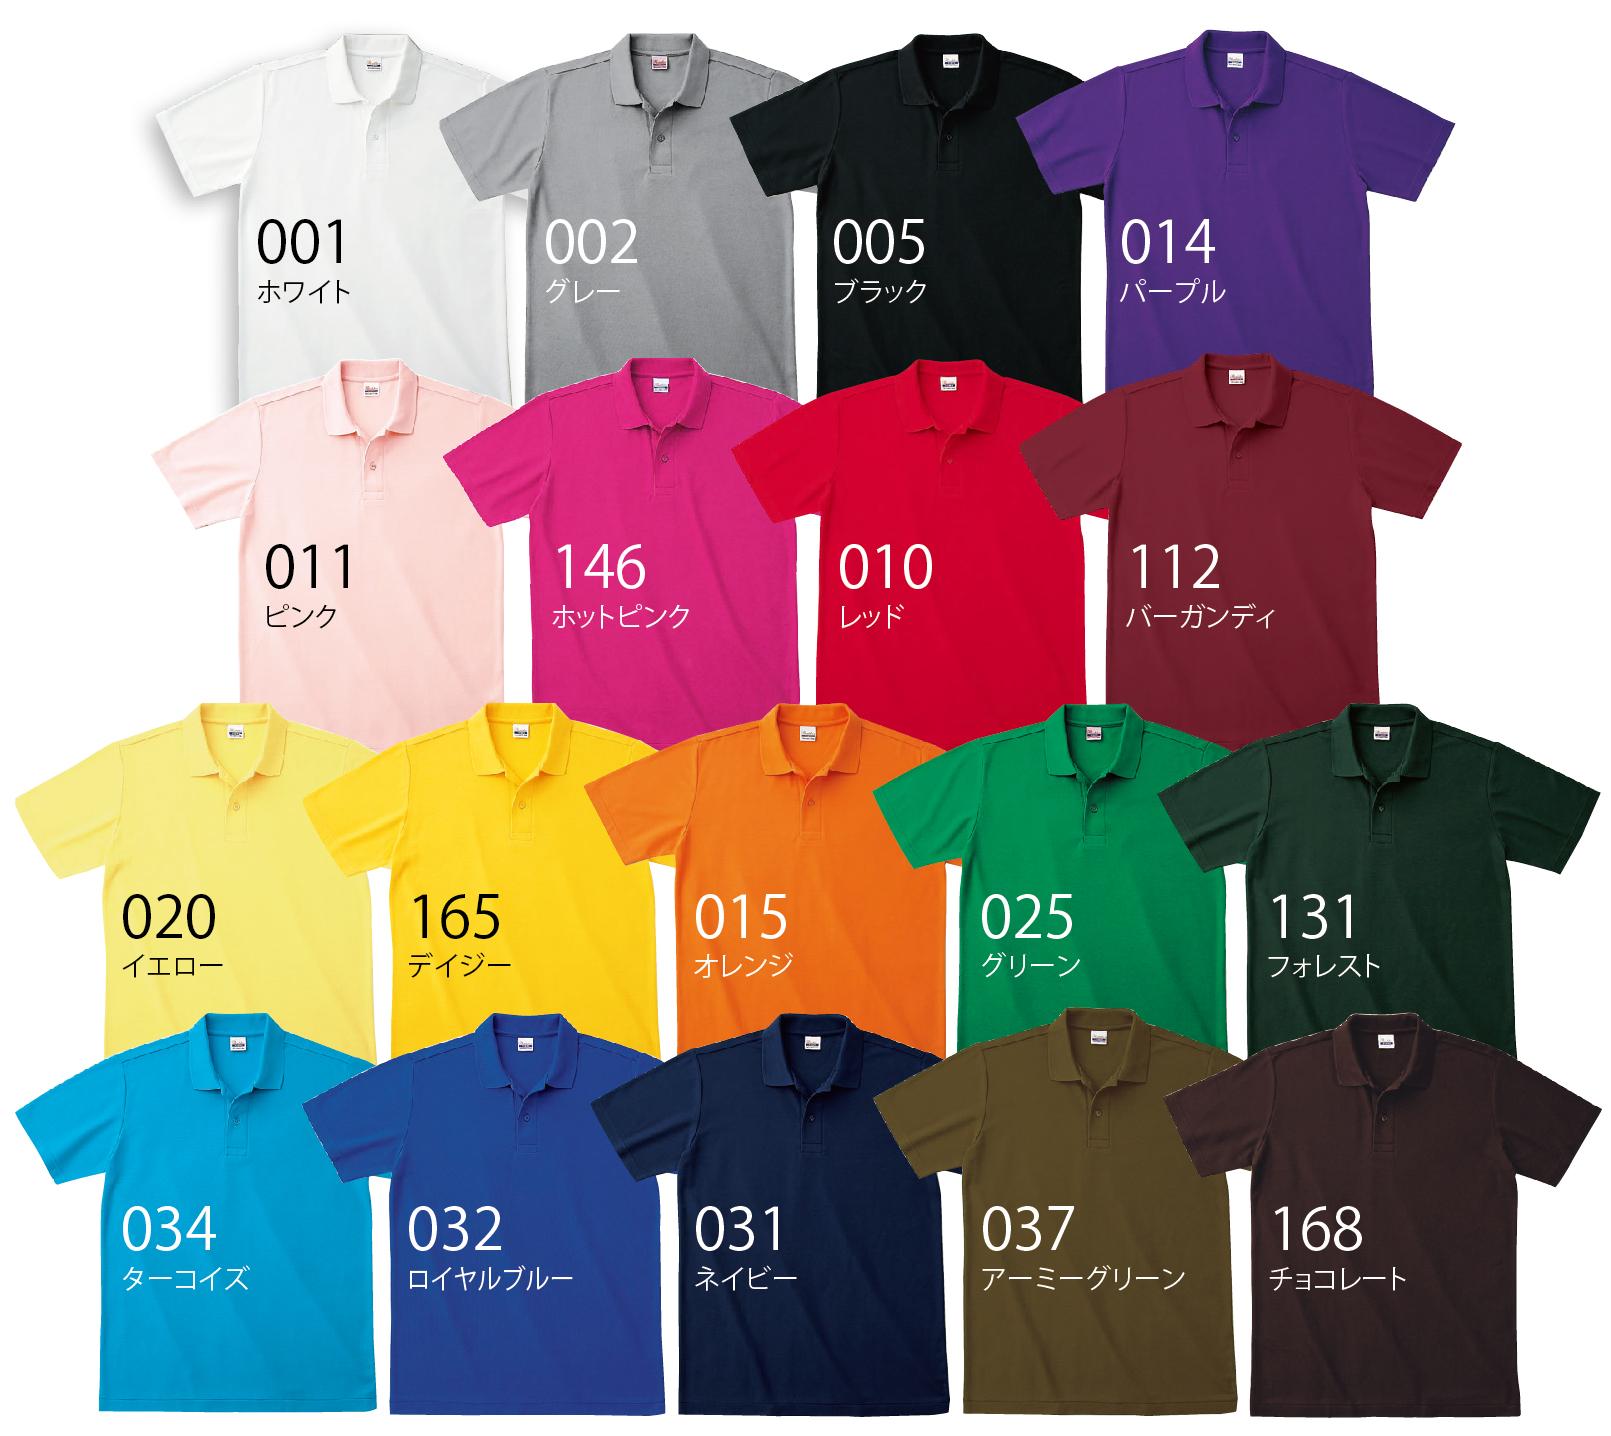 193-color-01